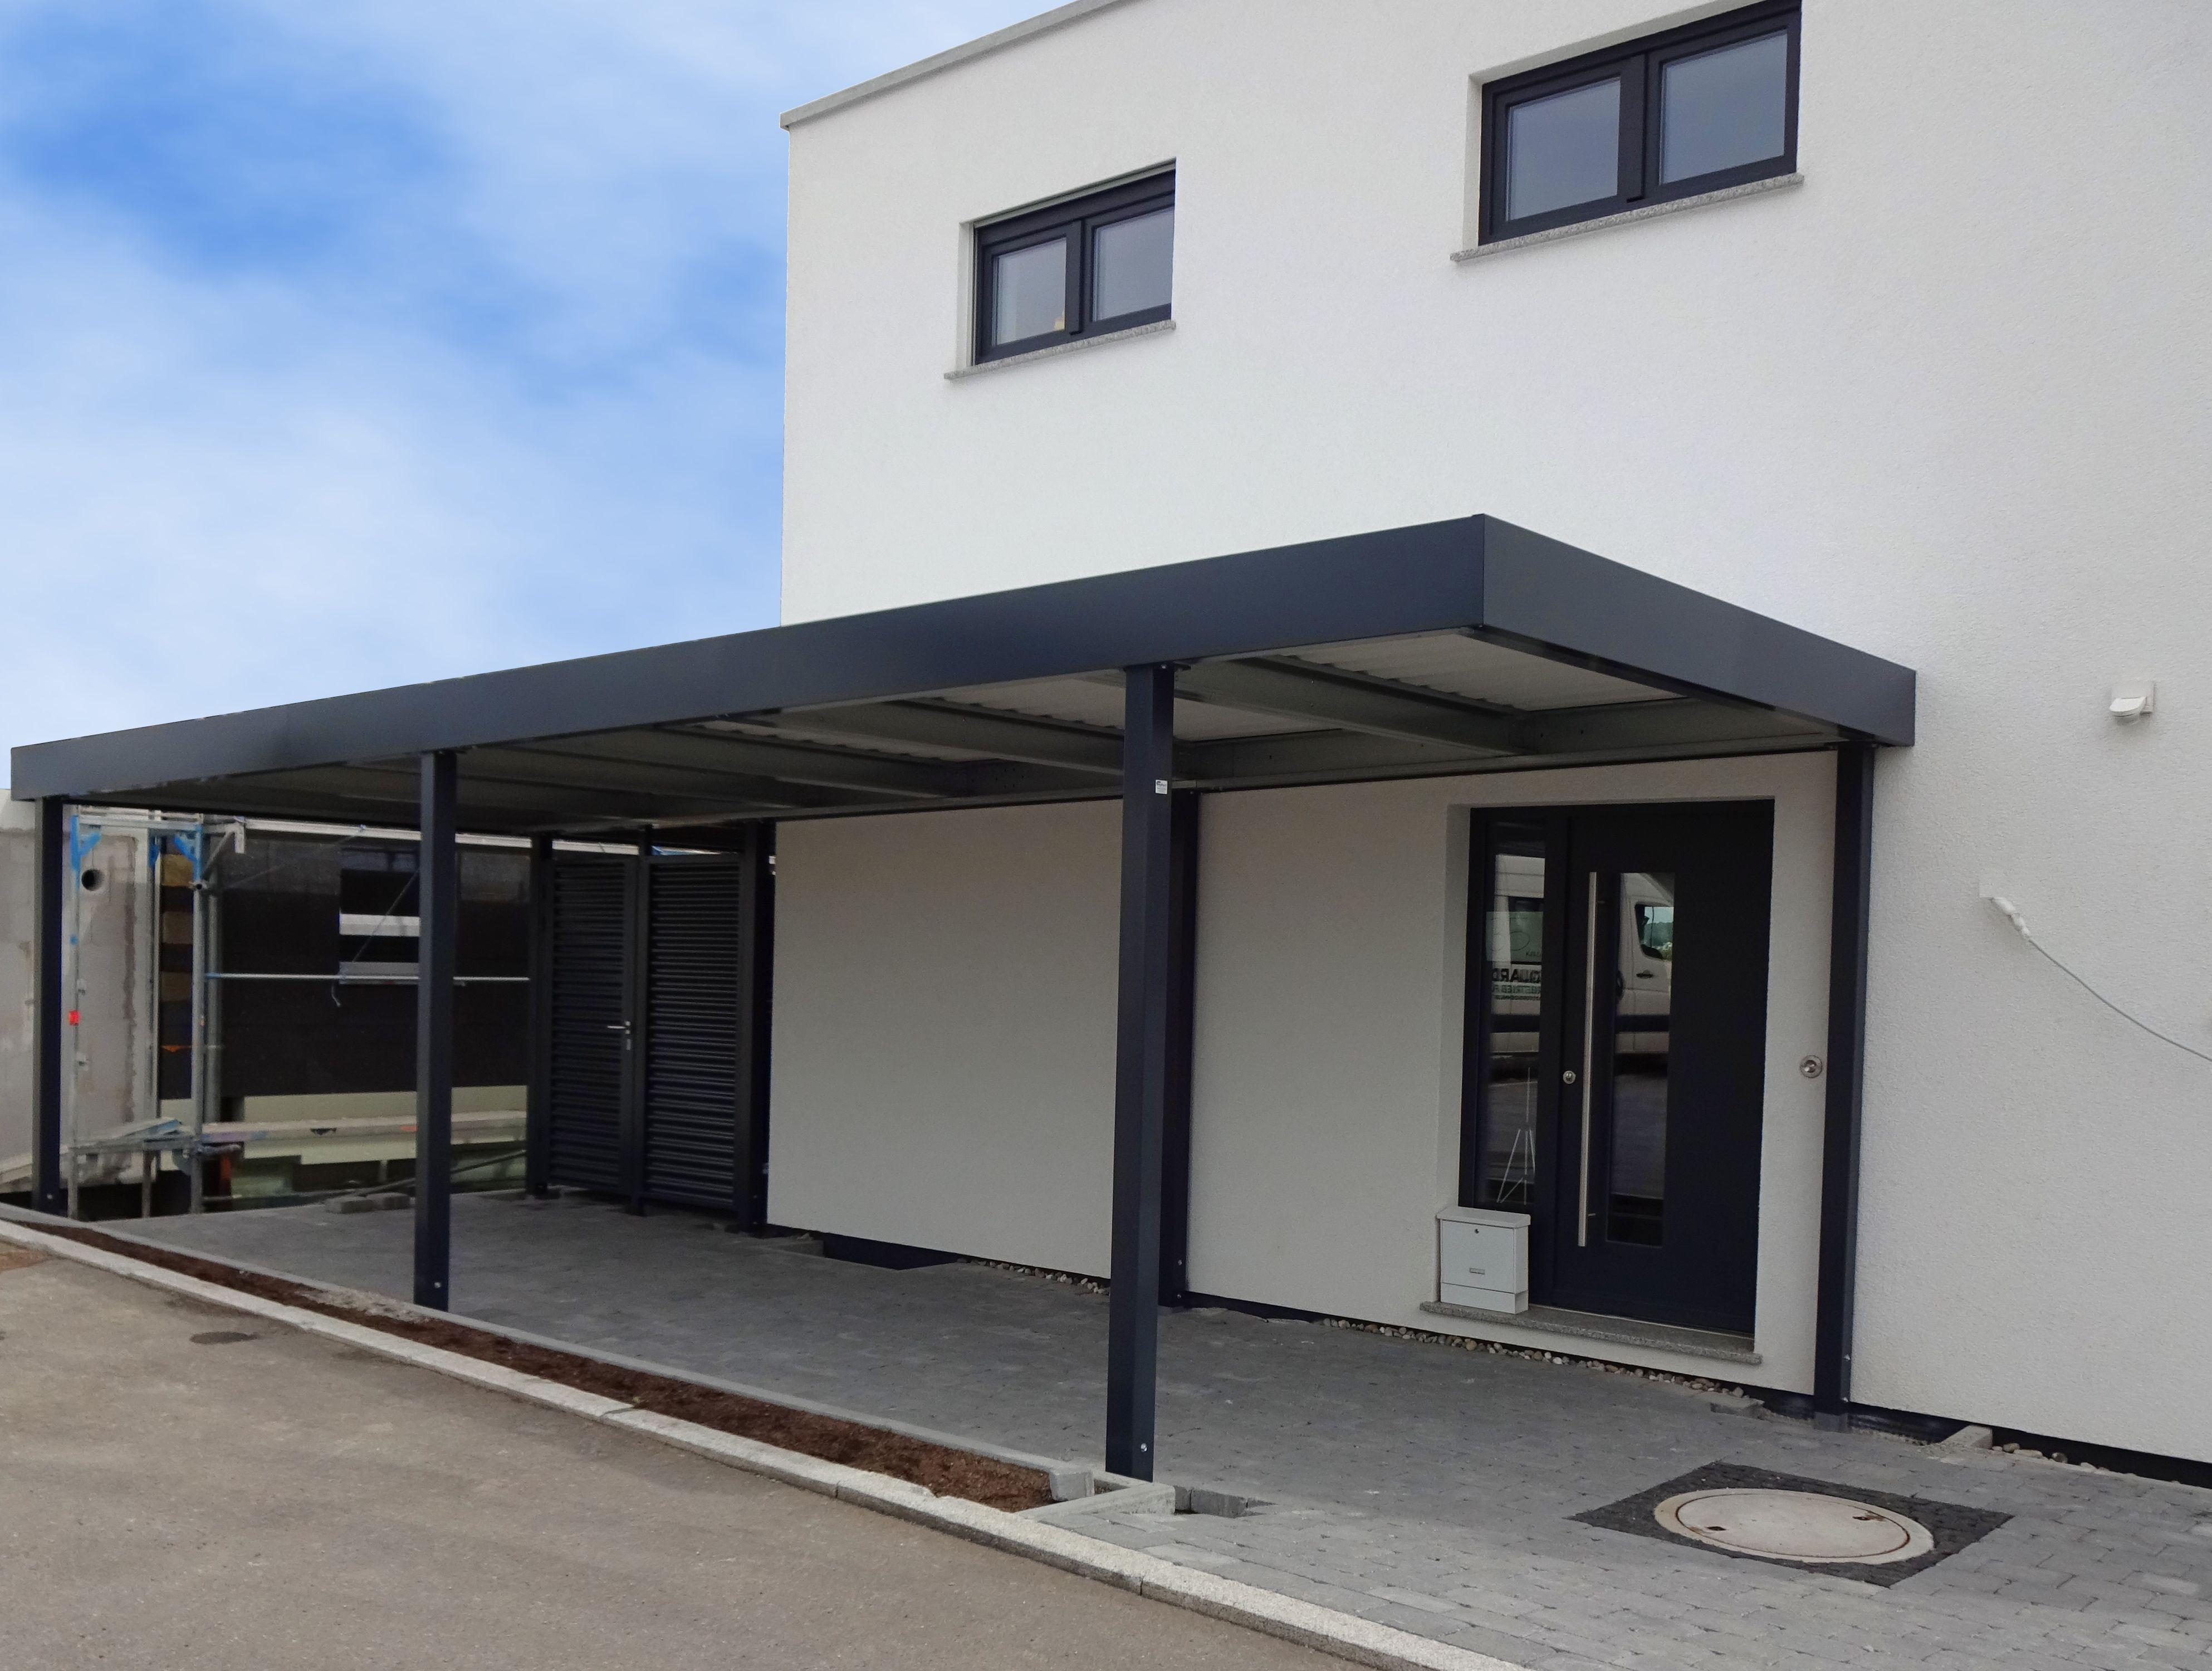 Myport Vordach Und Carport Kombination Carport Carport Stahl Carport Modern